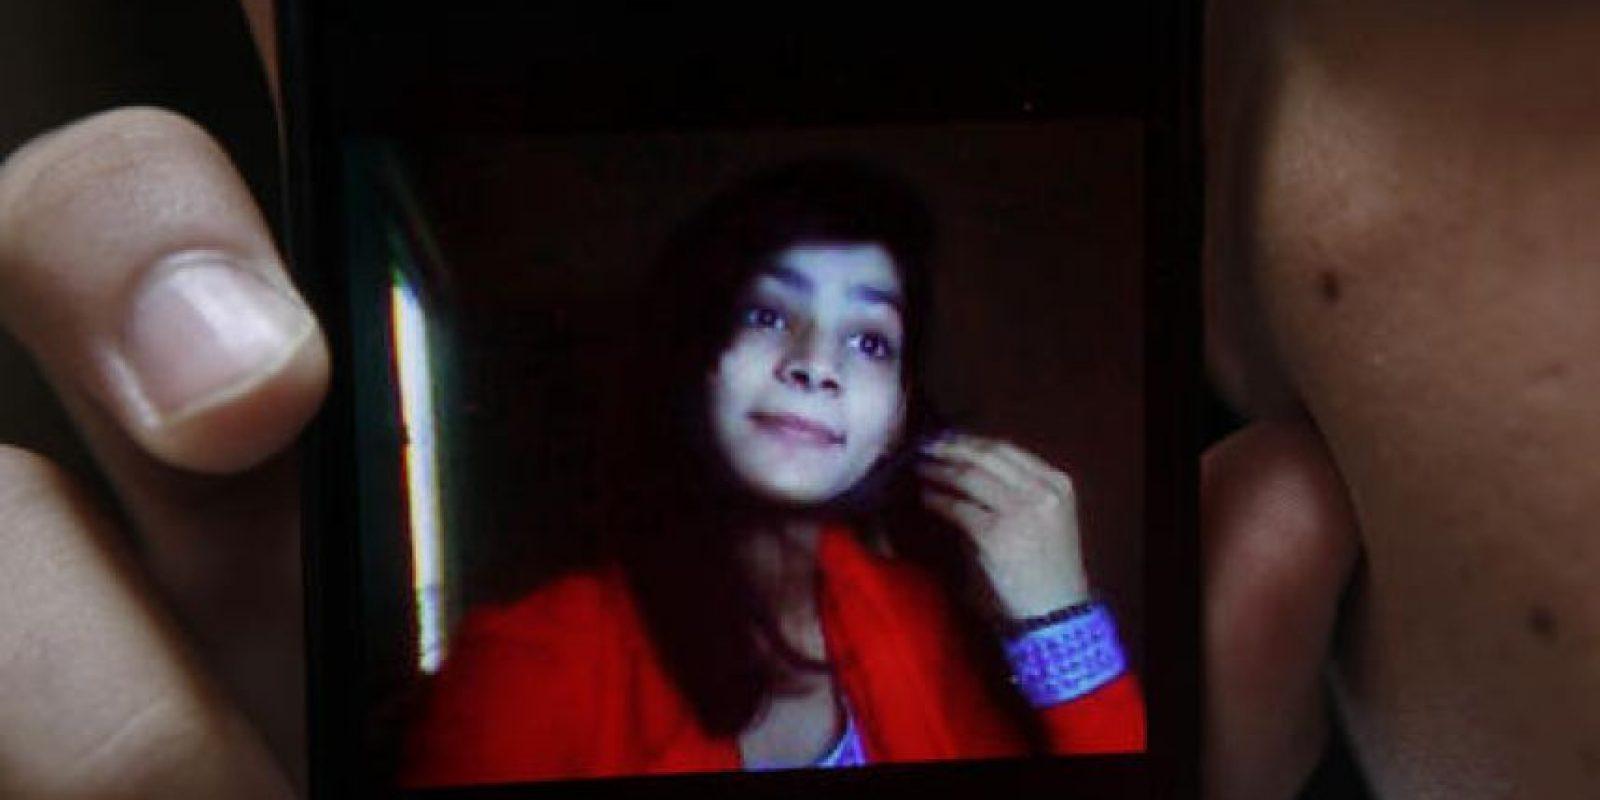 Zeenat Bibi, de 16 años, fue quemada viva Foto:AP